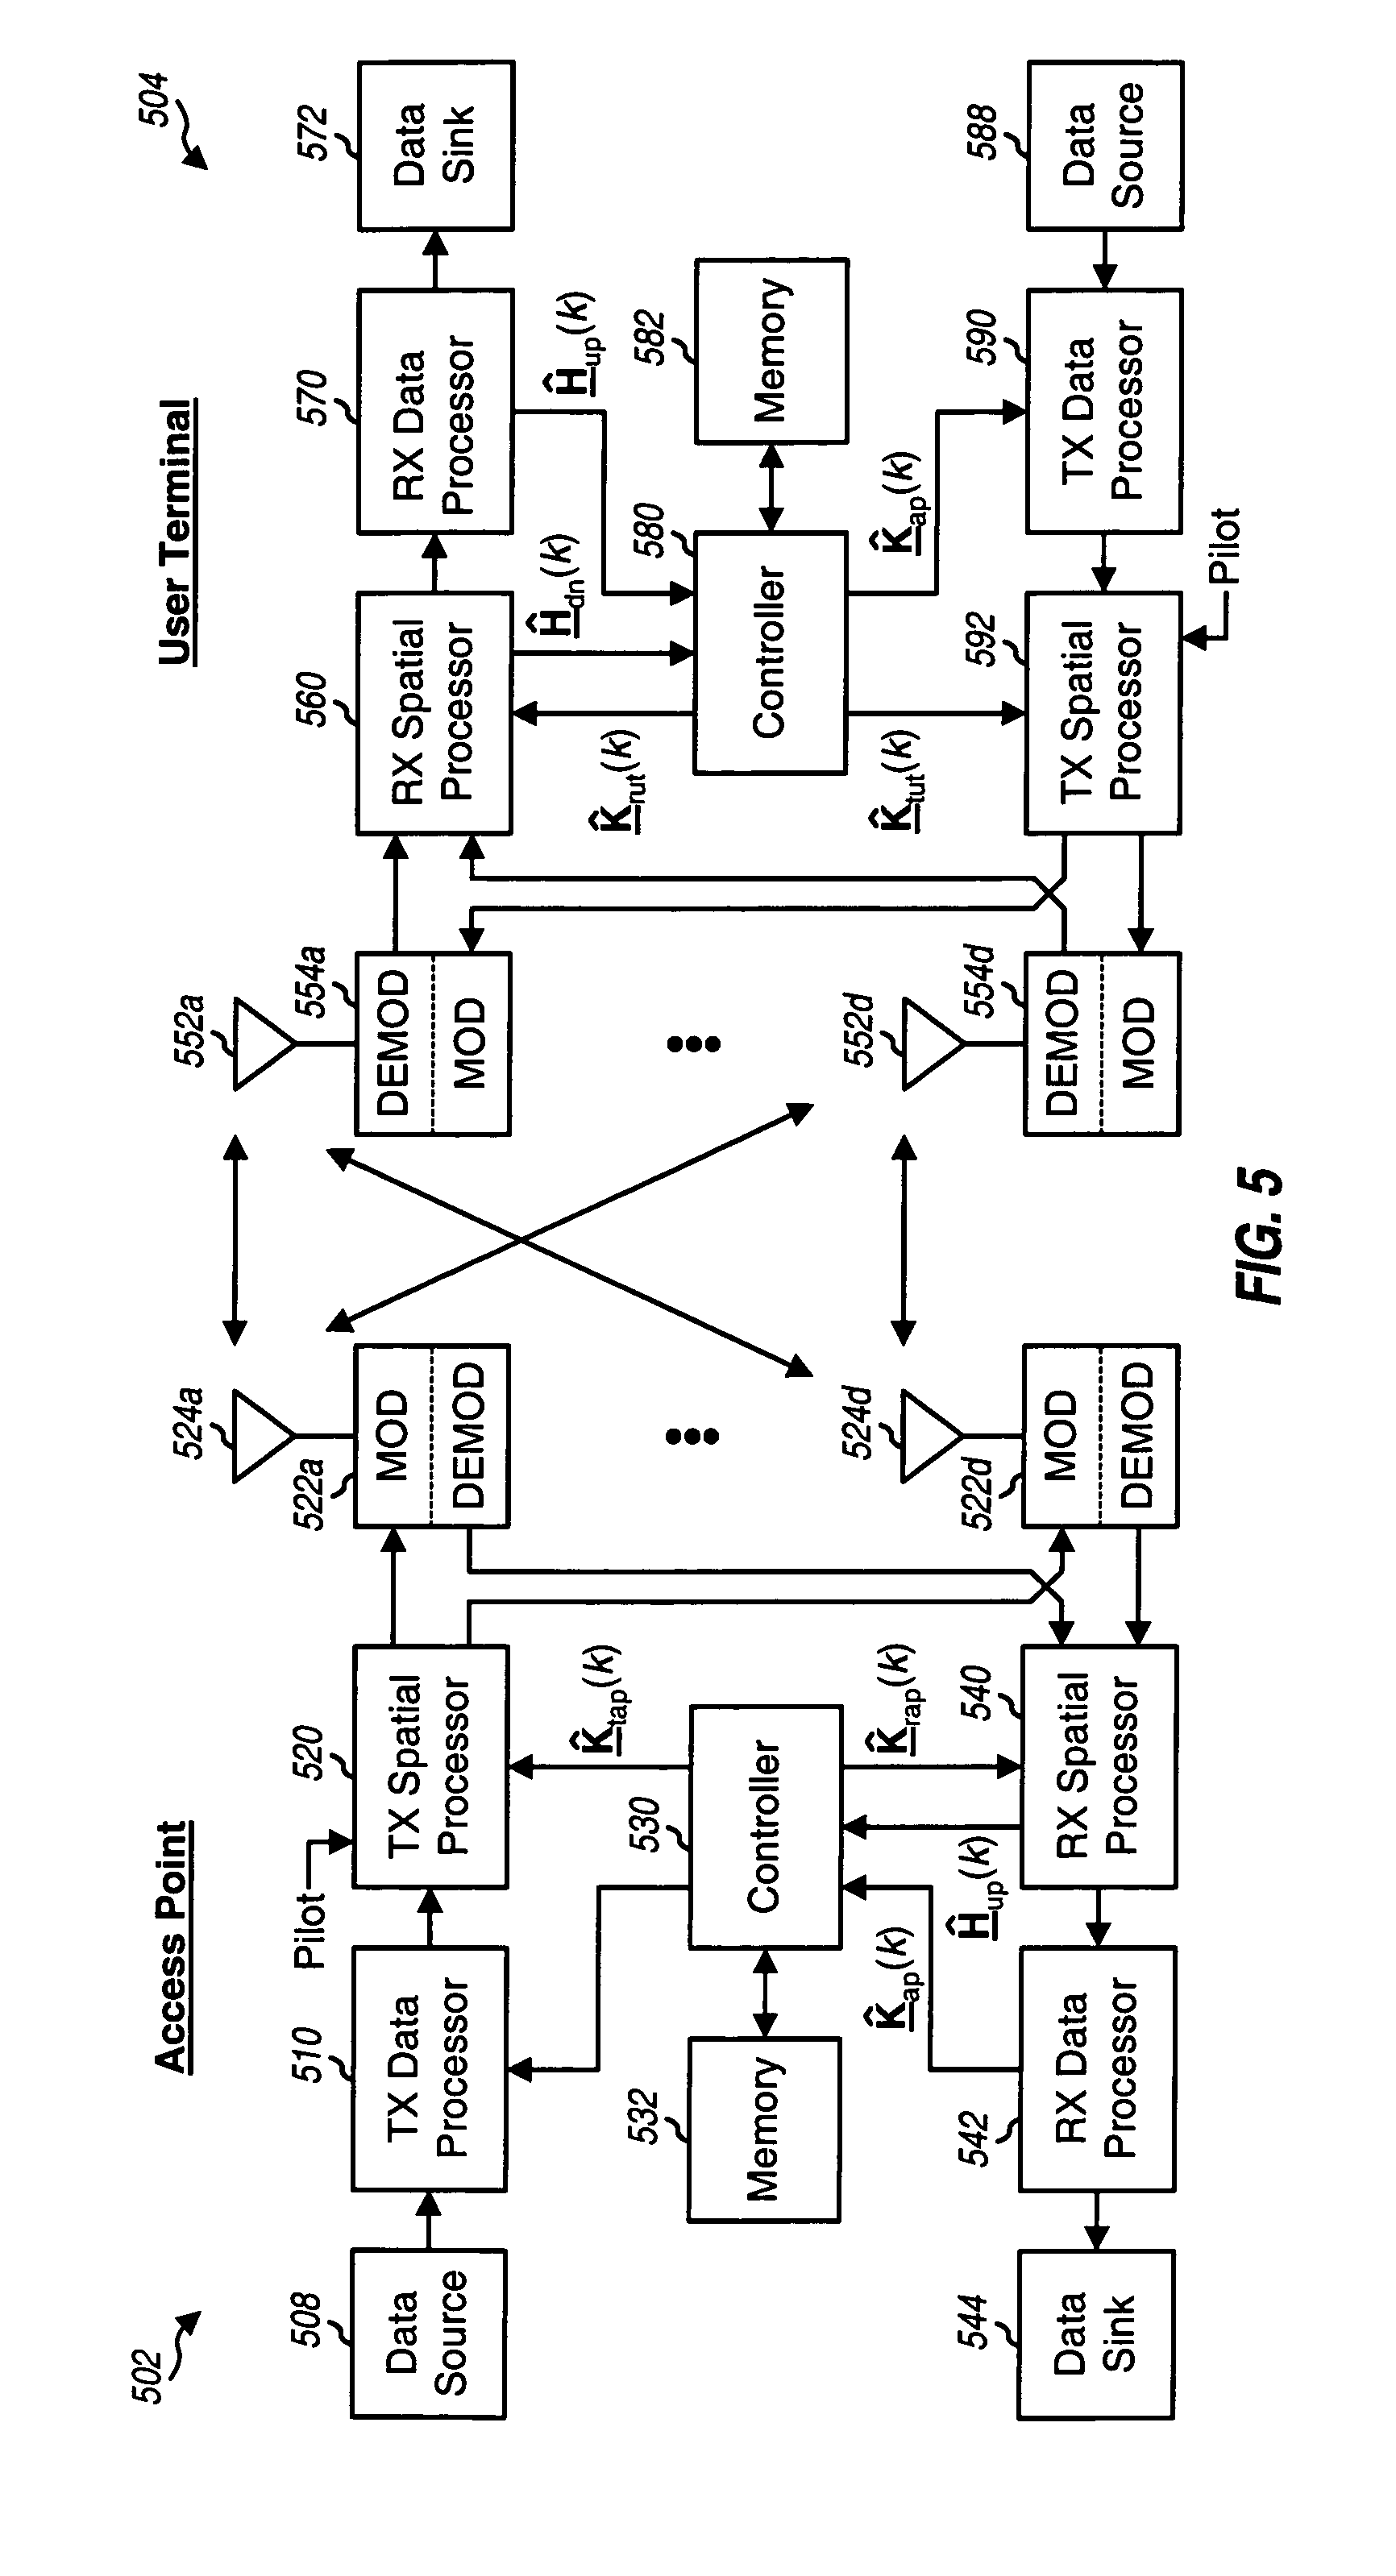 patent us8570988